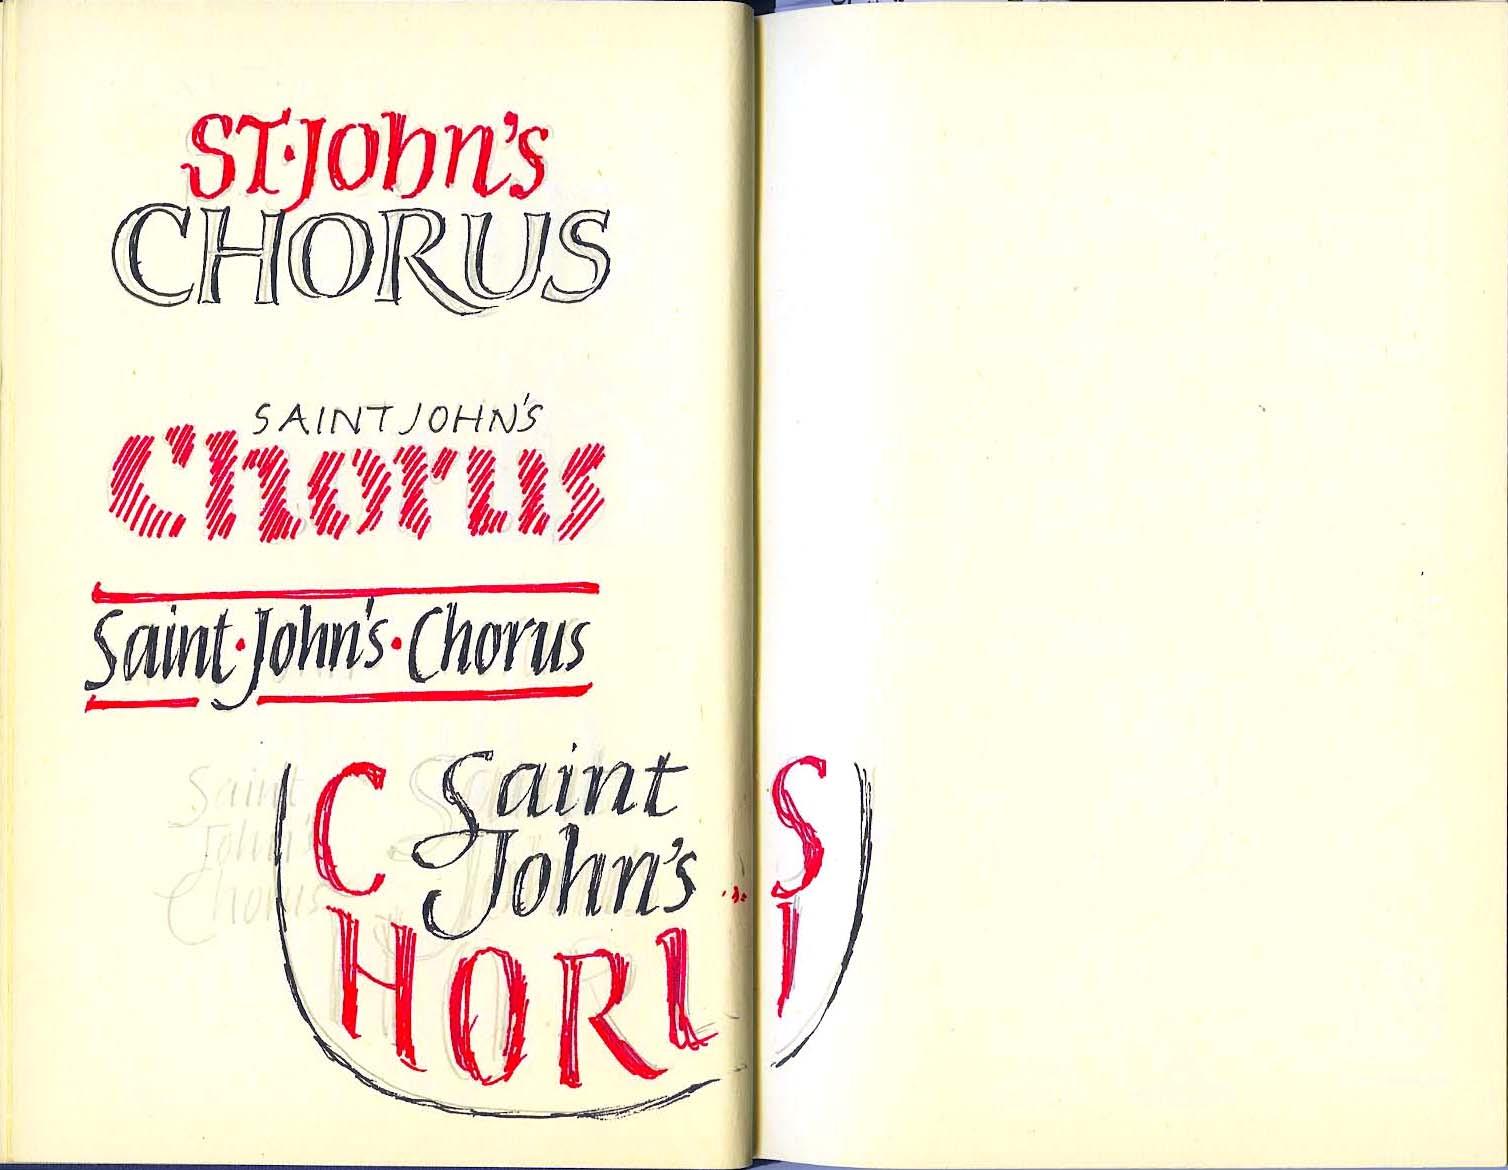 St John's Chorus#2